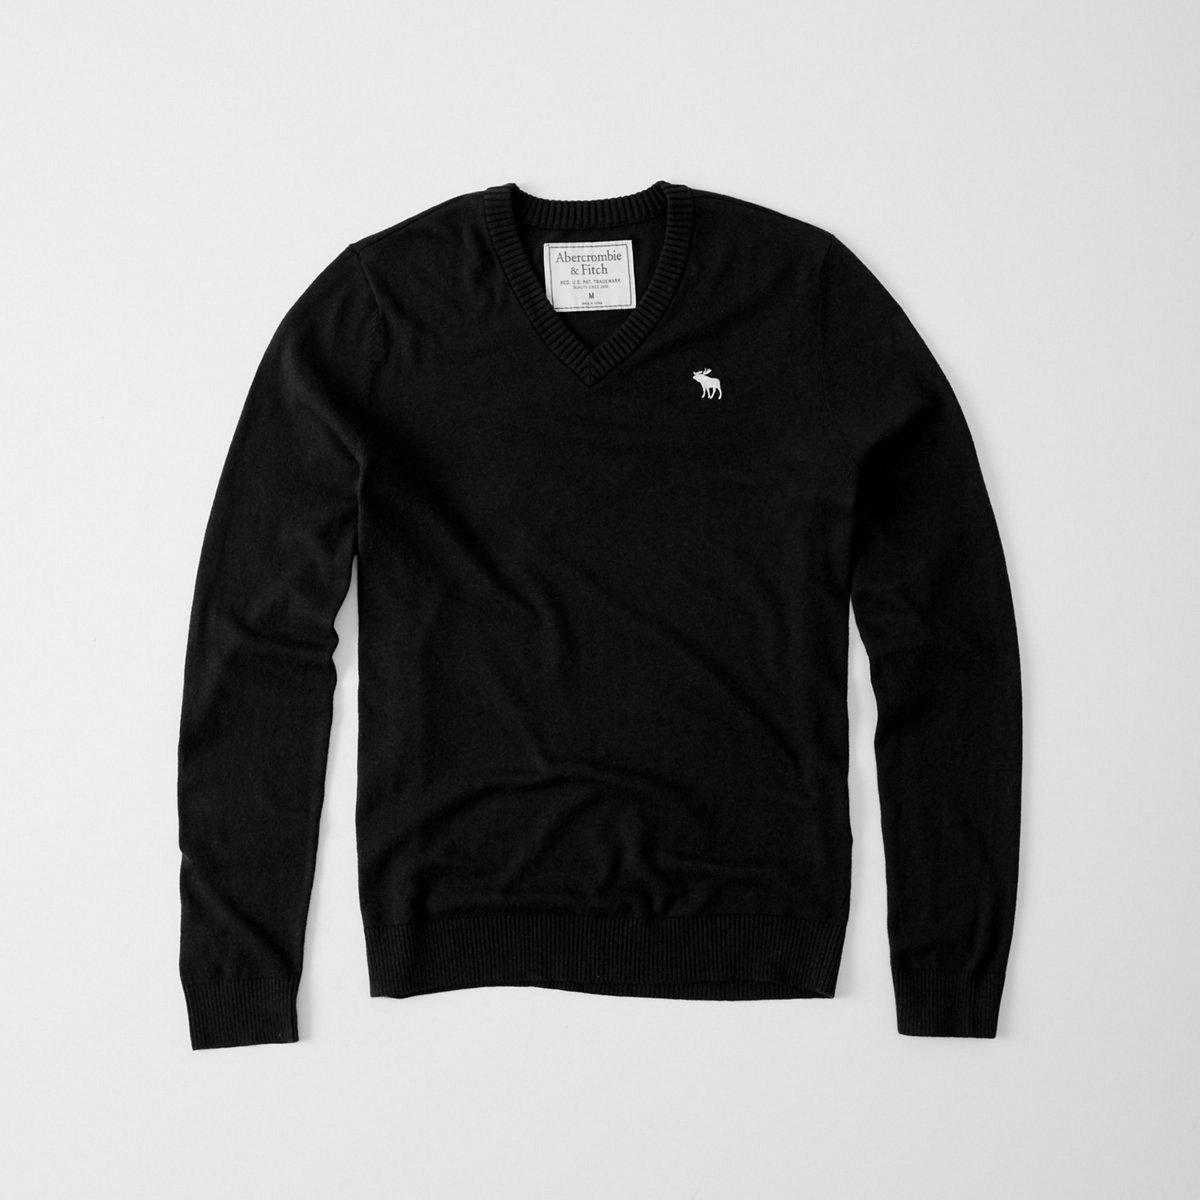 【送料無料】【新品】アバクロ【Mensメンズ】コットンVネックセーター/Black【Icon Cotton V-Neck Sweater】【Abercrombie&Fitch】【本物保証】